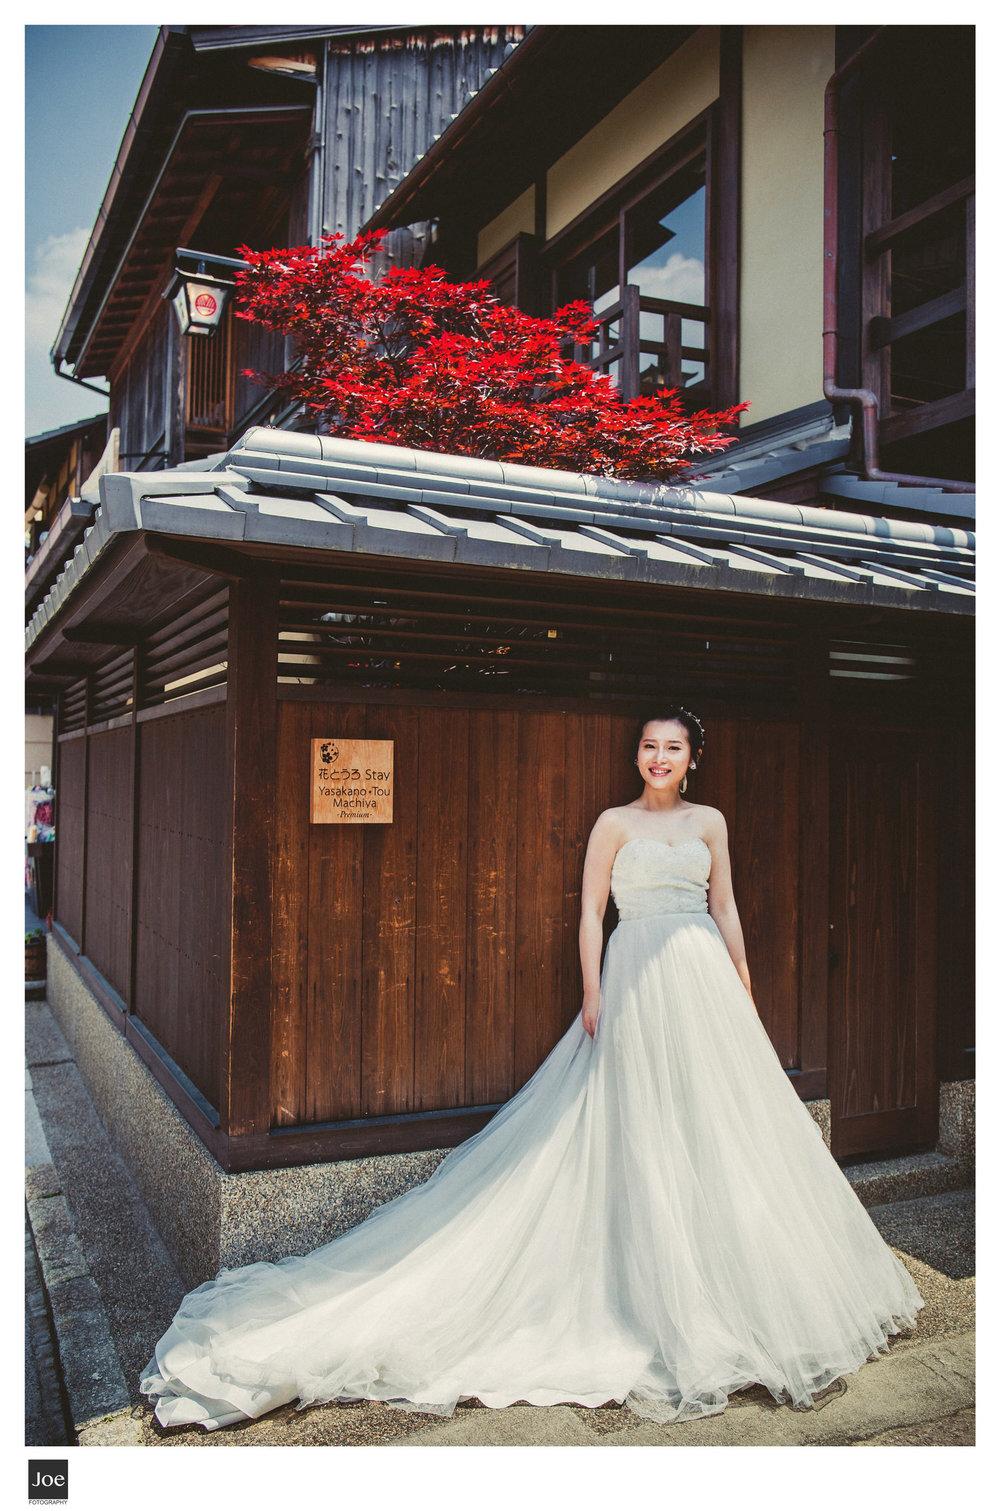 花とうろ Stay Yasakano-Tou Machiya Premium